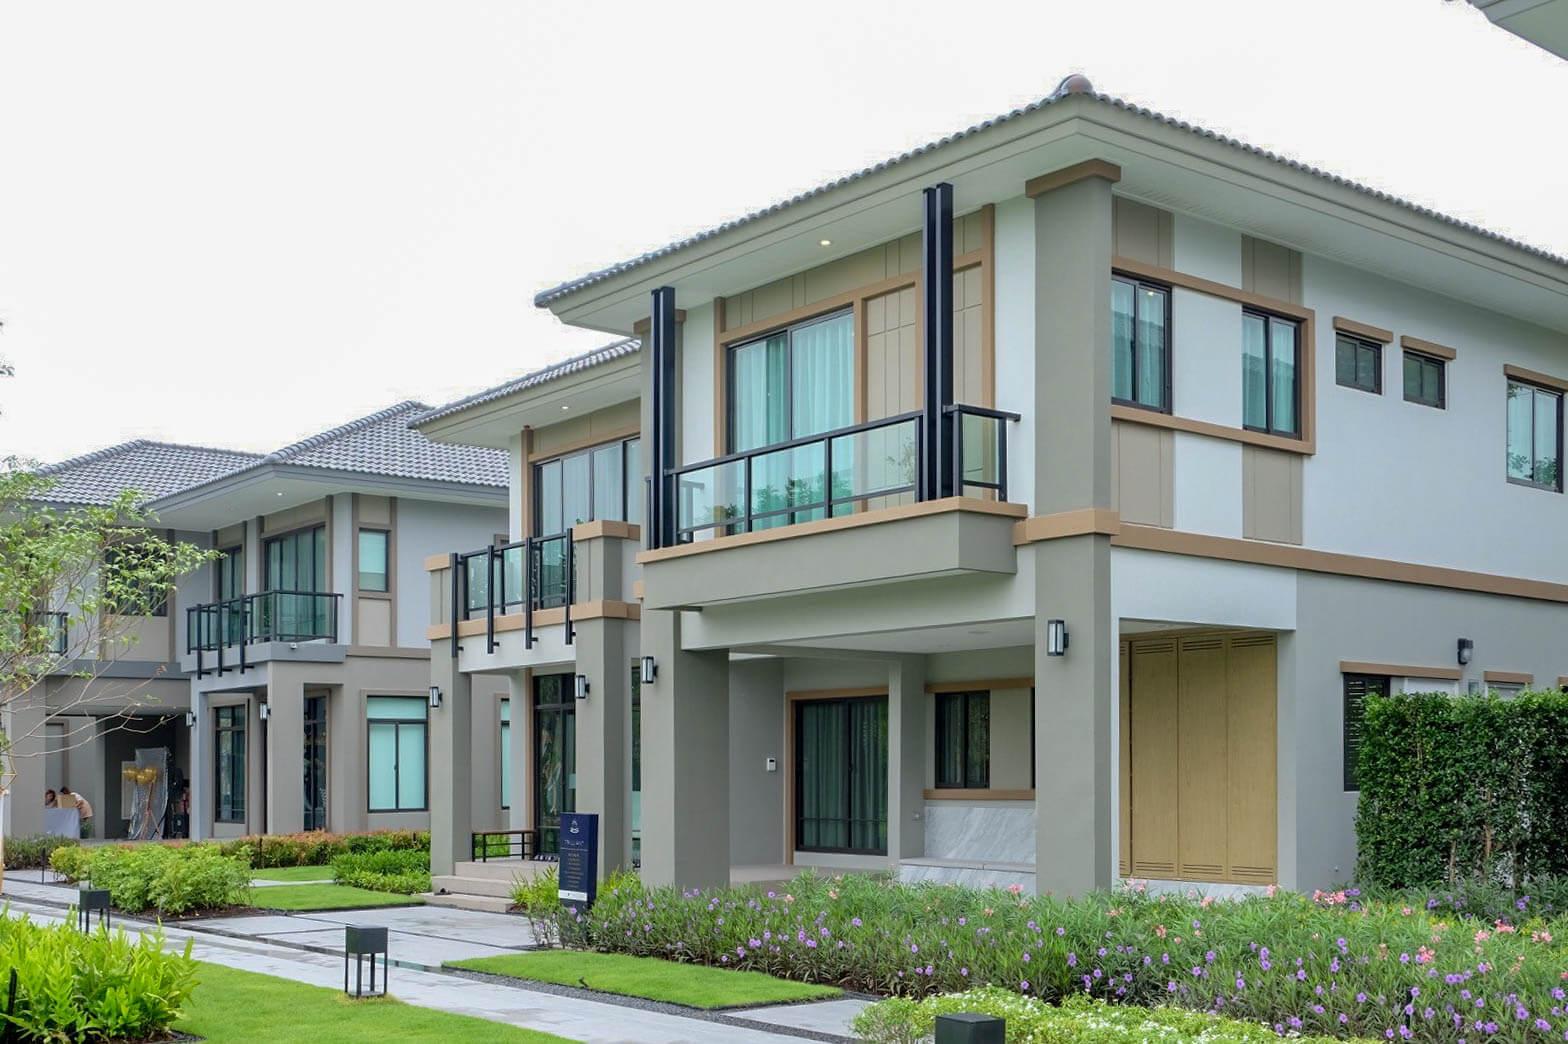 """รู้ก่อนซื้อบ้าน """"ภูมิสถาปัตยกรรม"""" สำคัญกับชีวิตอย่างไร? สัมภาษณ์ภูมิสถาปนิก RAFA 32 - Architect"""